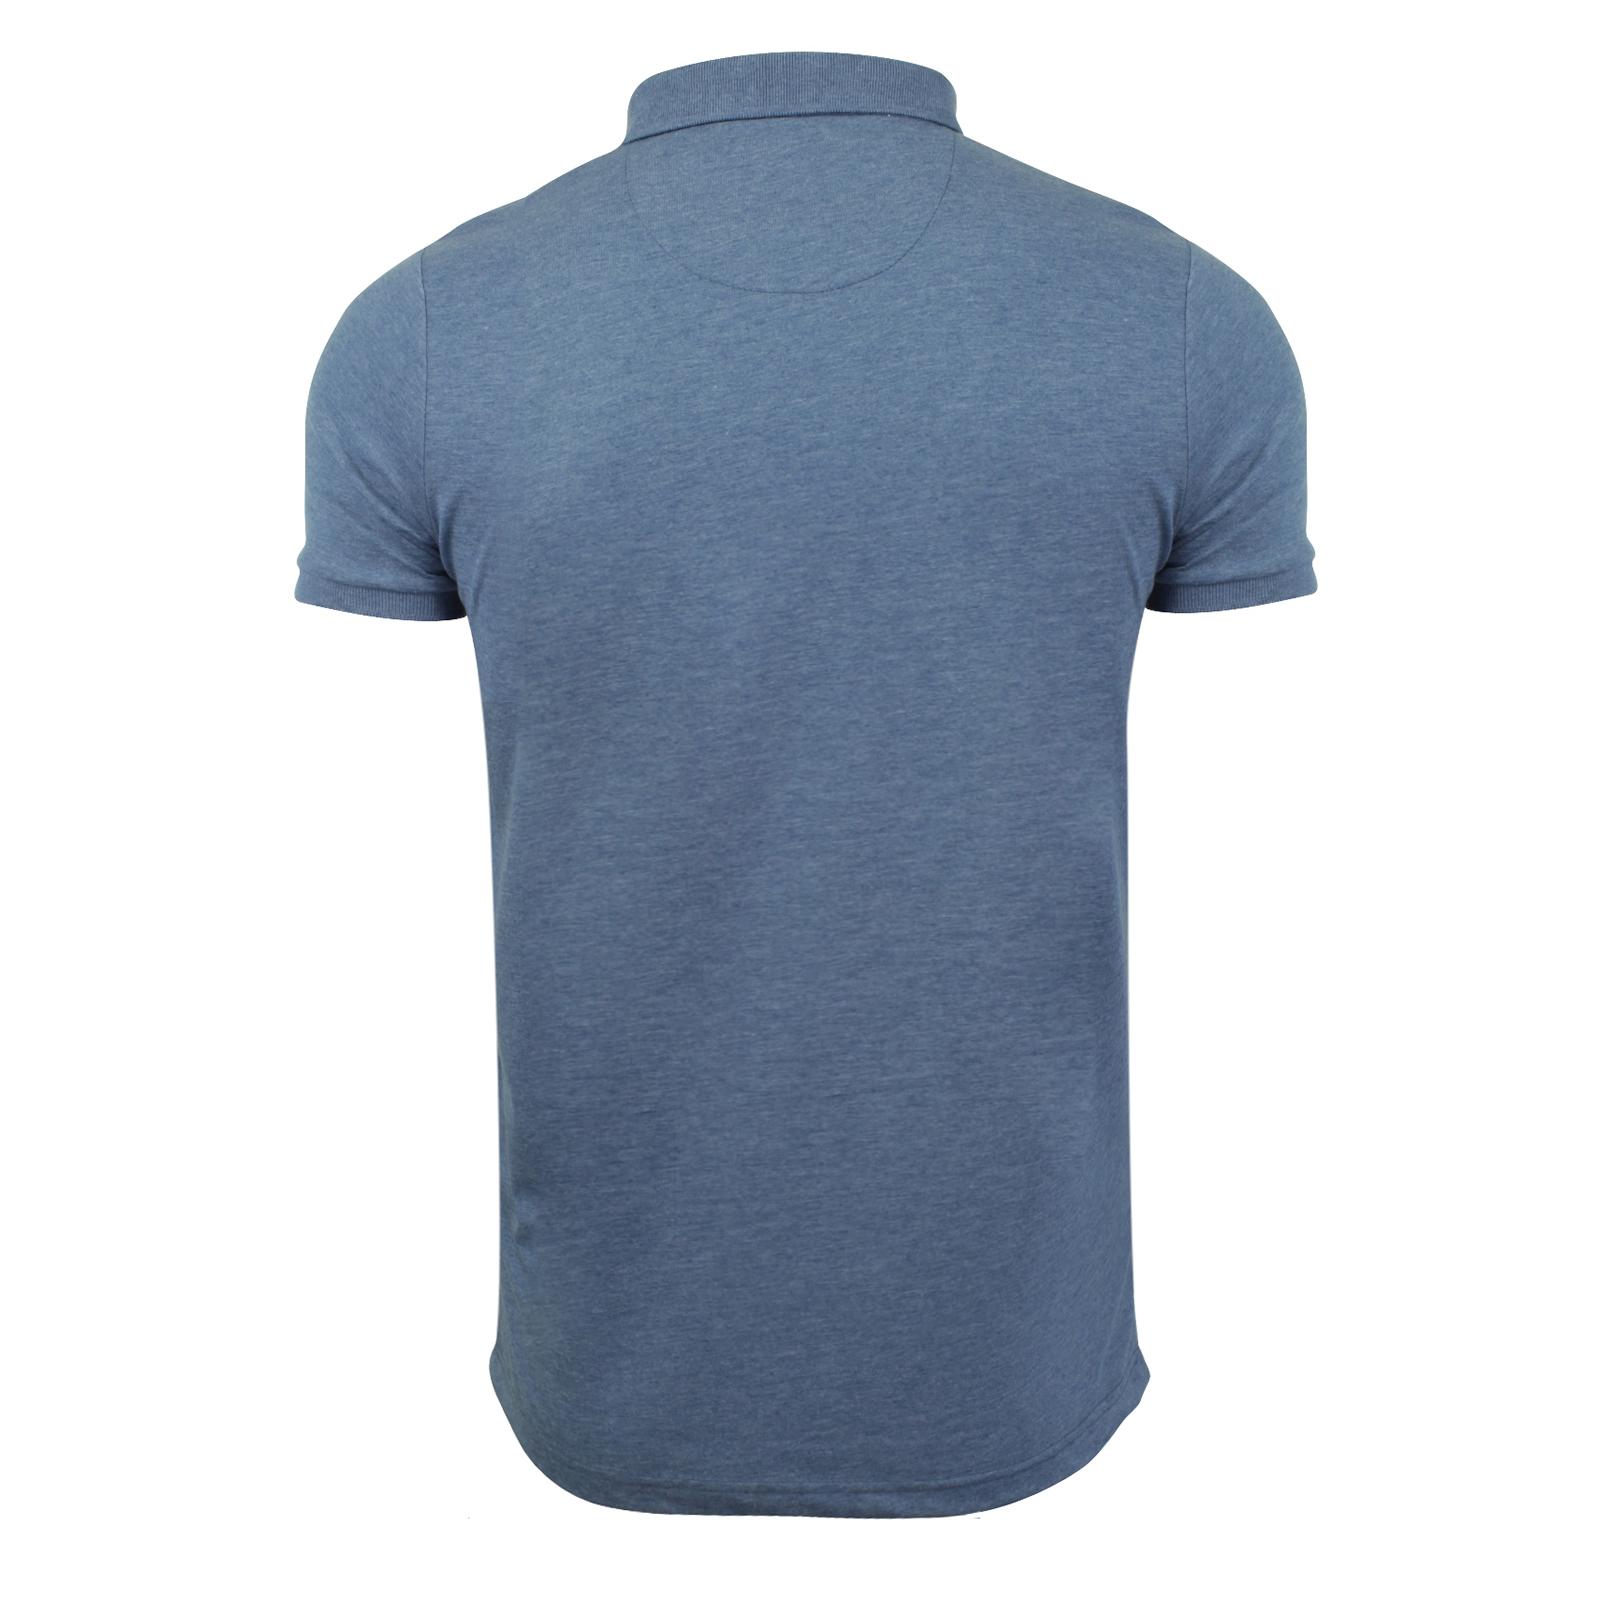 7a69f5d57702ed Uomo: abbigliamento Da Uomo Polo T Shirt Brave Soul Julius cotone con  colletto manica corta Top Casual